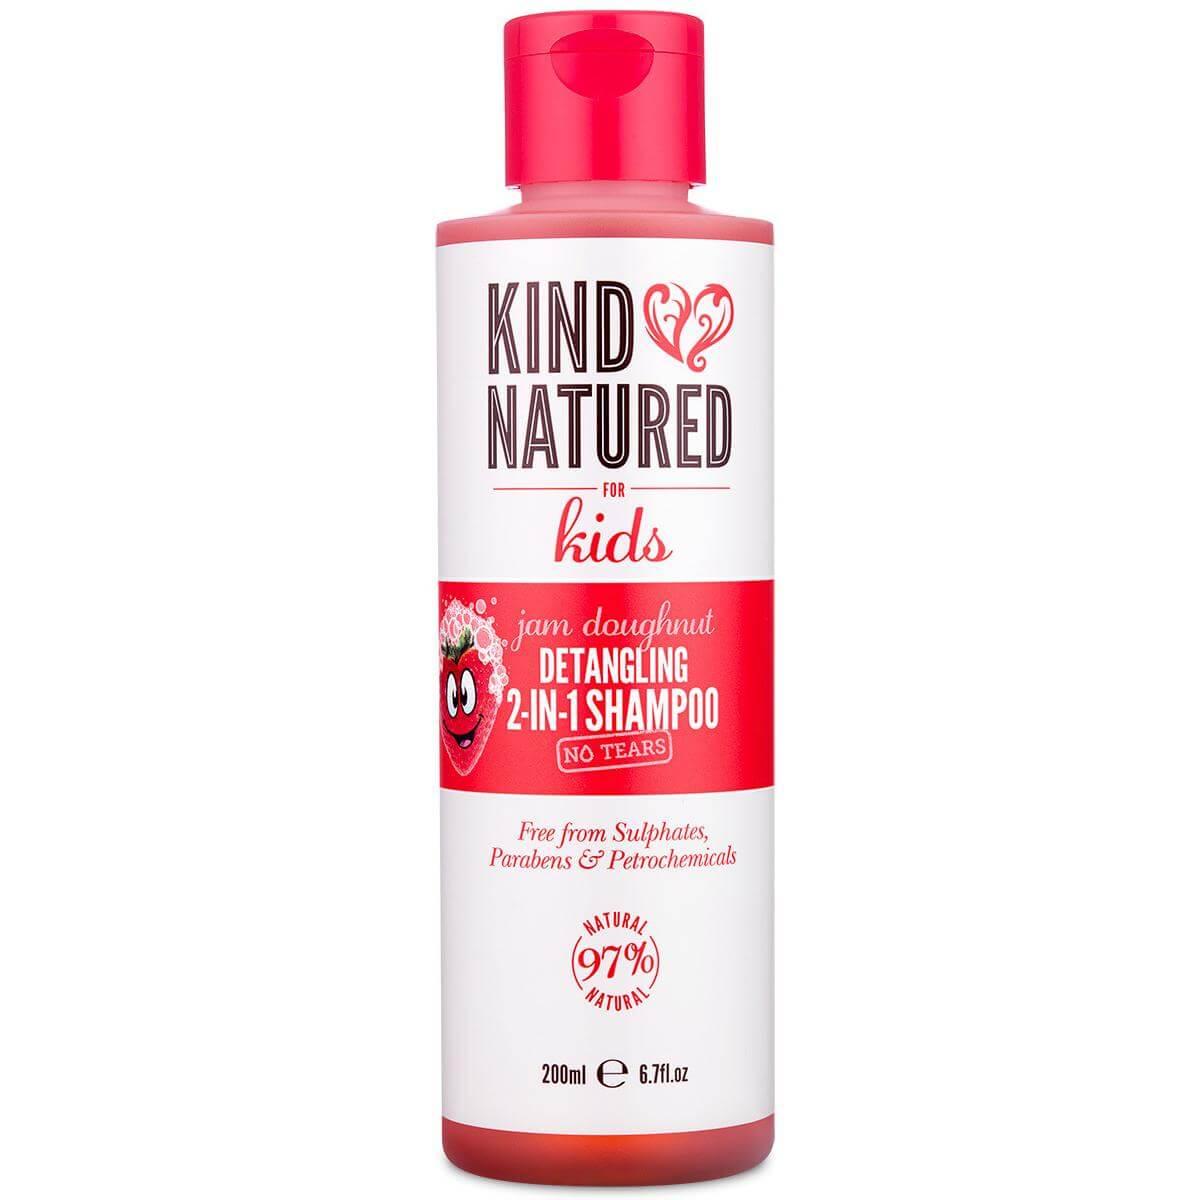 Kind Natured Jam Dougnut Detangling 2-In-1 Shampoo No Tears Παιδικό Σαμπουάν με Άρωμα Φράουλας που Ξεμπερδεύει τα Μαλλιά 200ml